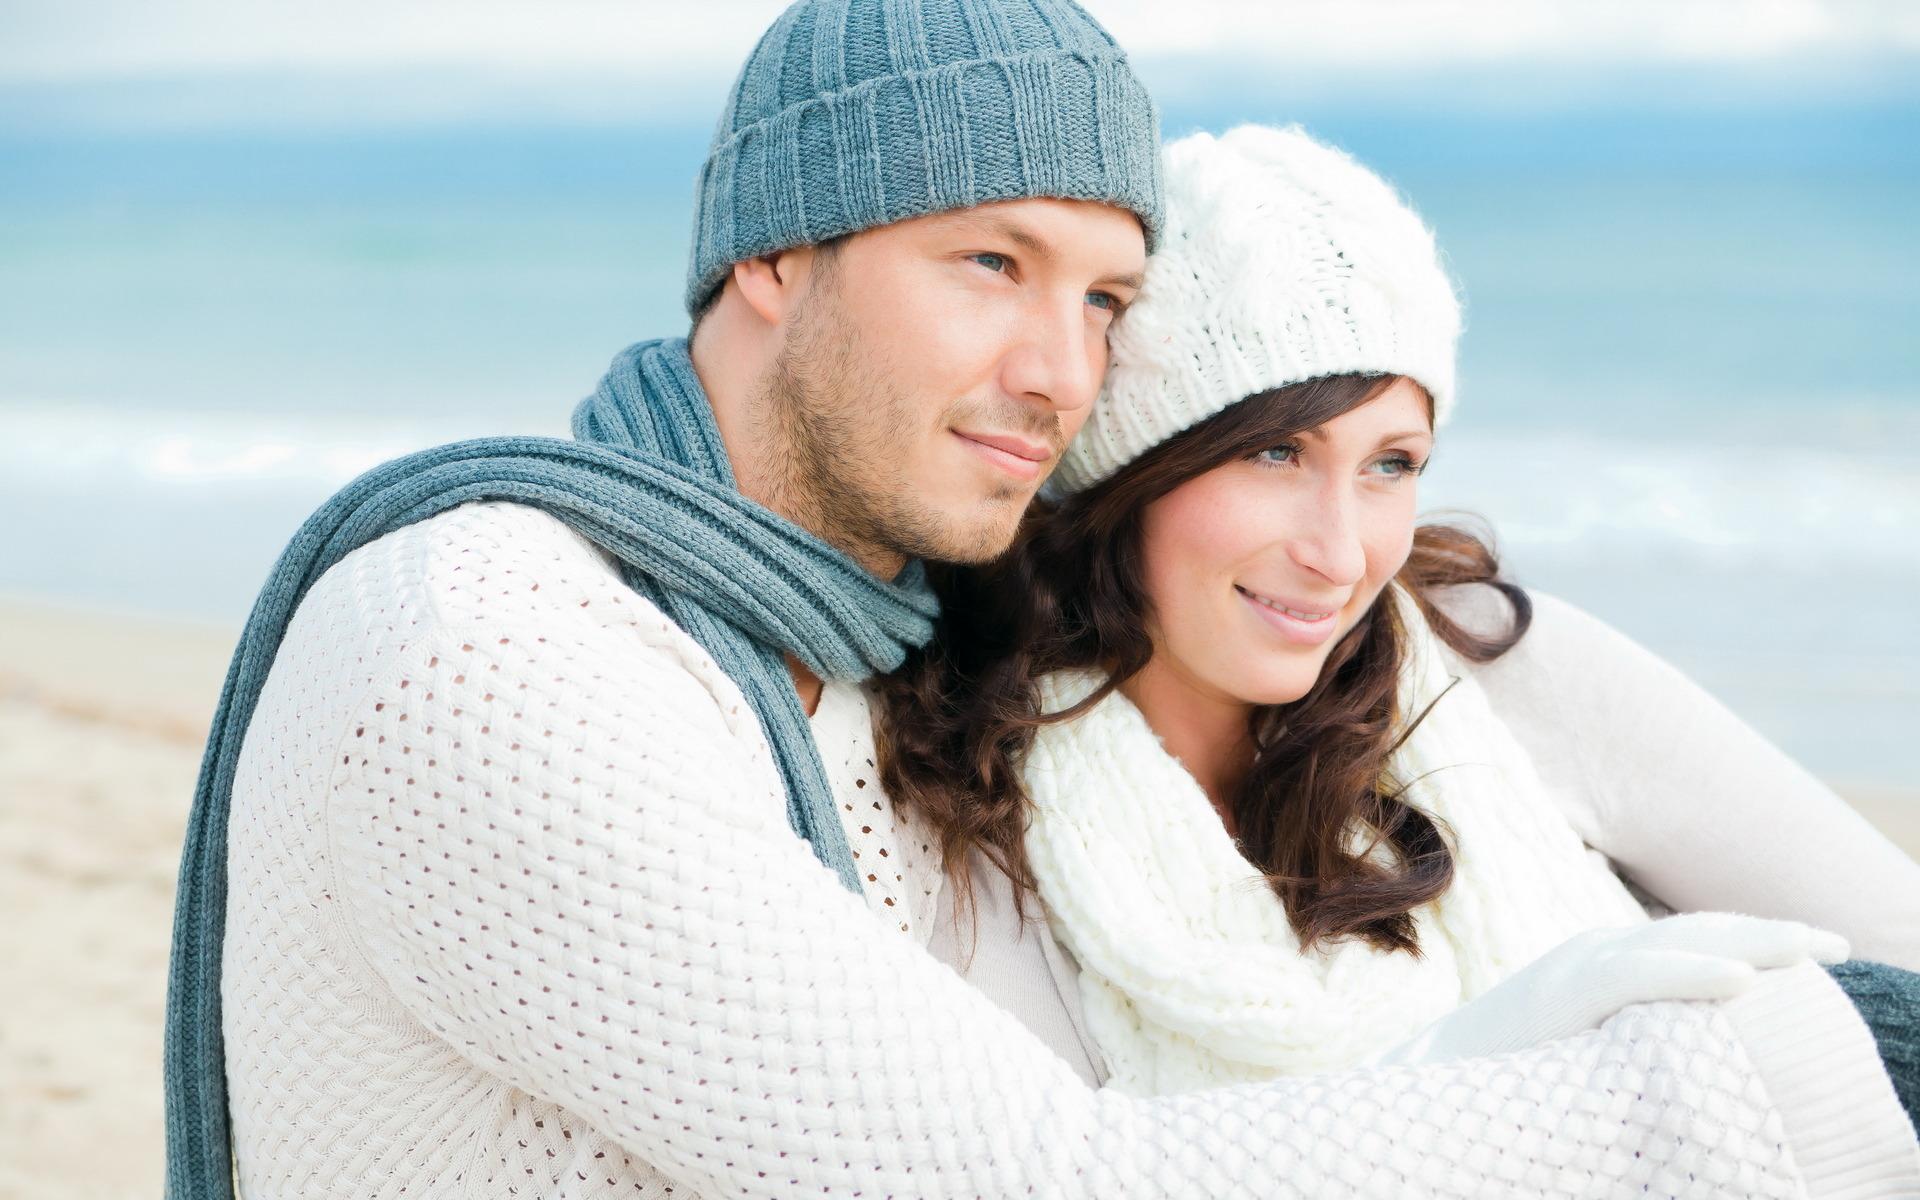 Женские секреты: как привлечь внимание мужчины